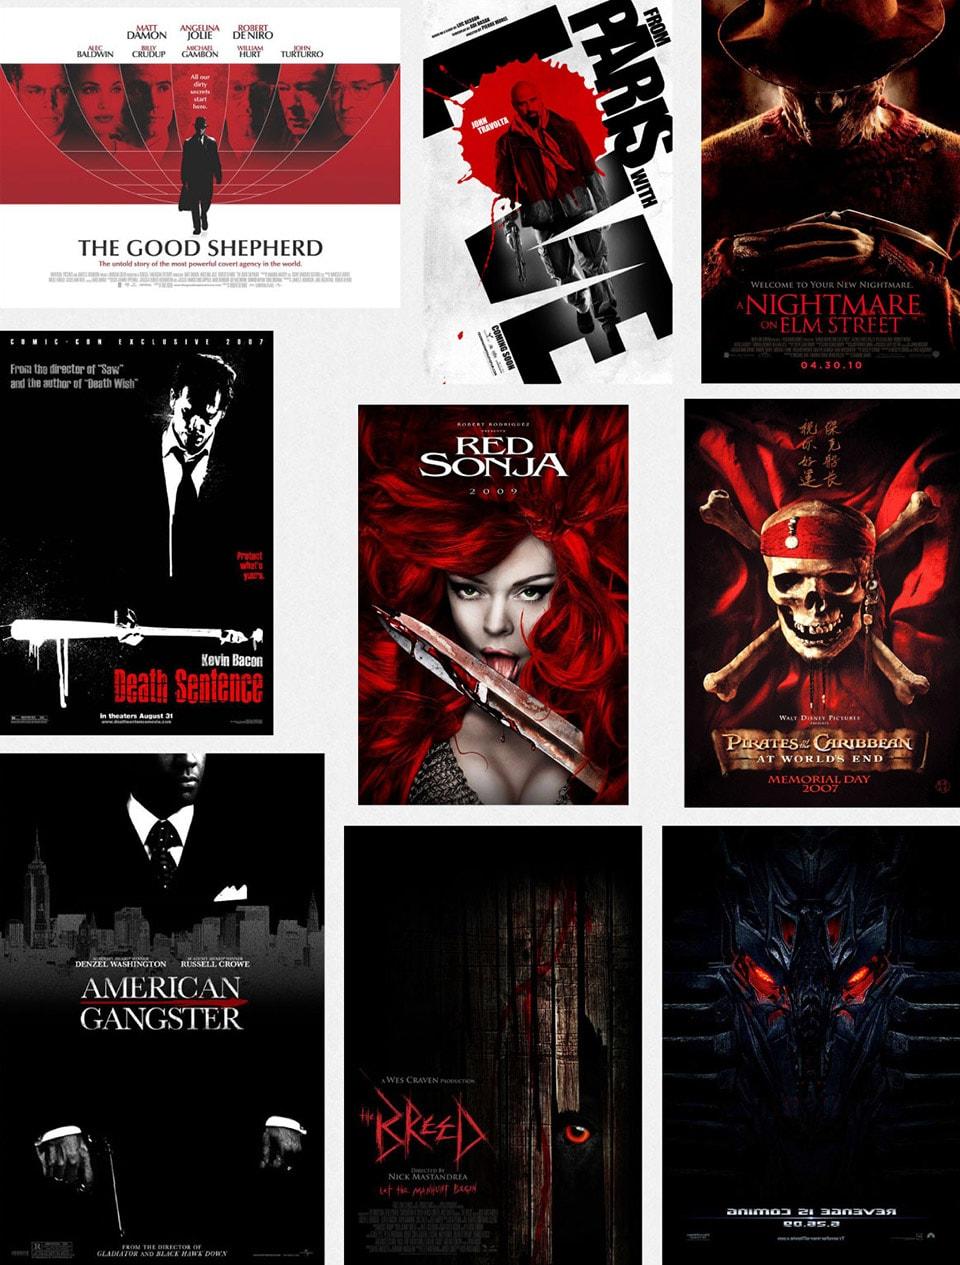 aetherium-psycho-couleurs-noir-rouge